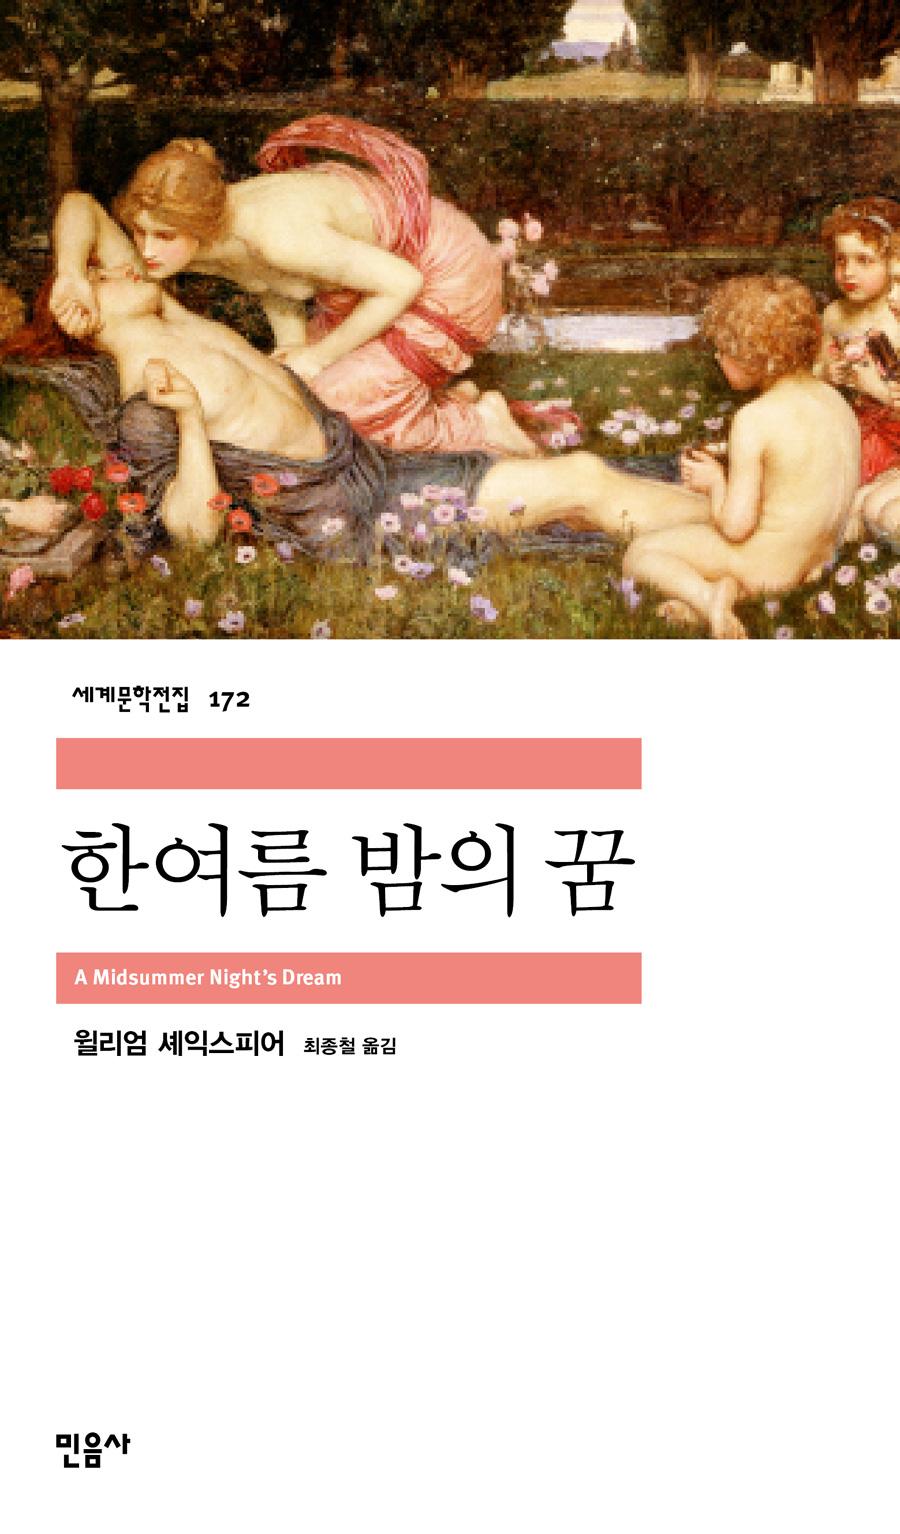 [고전읽기-098] 한여름 밤의 꿈 (윌리엄 셰익스피어) 민음사 세계문학 172